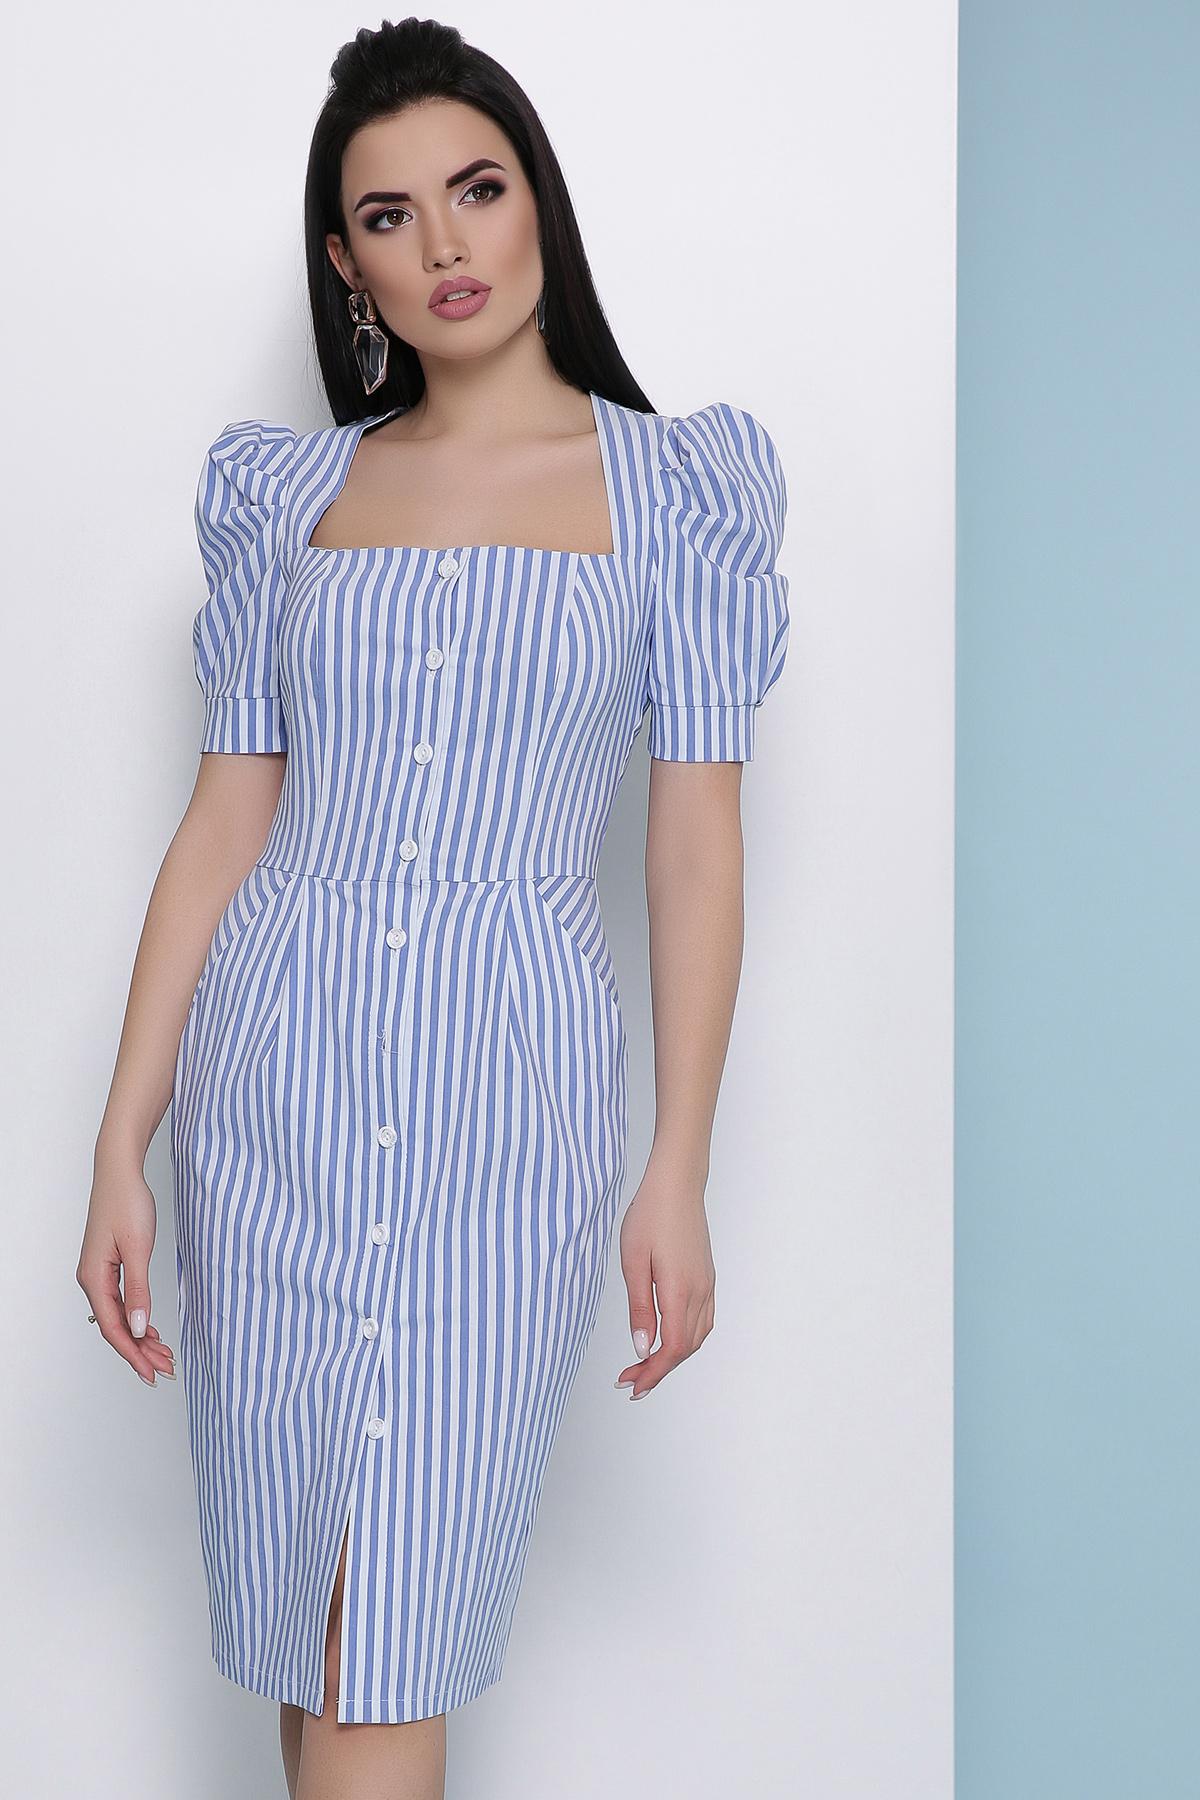 ce745df8770 летнее платье в полоску. платье Риана к р. Цвет  синяя полоска